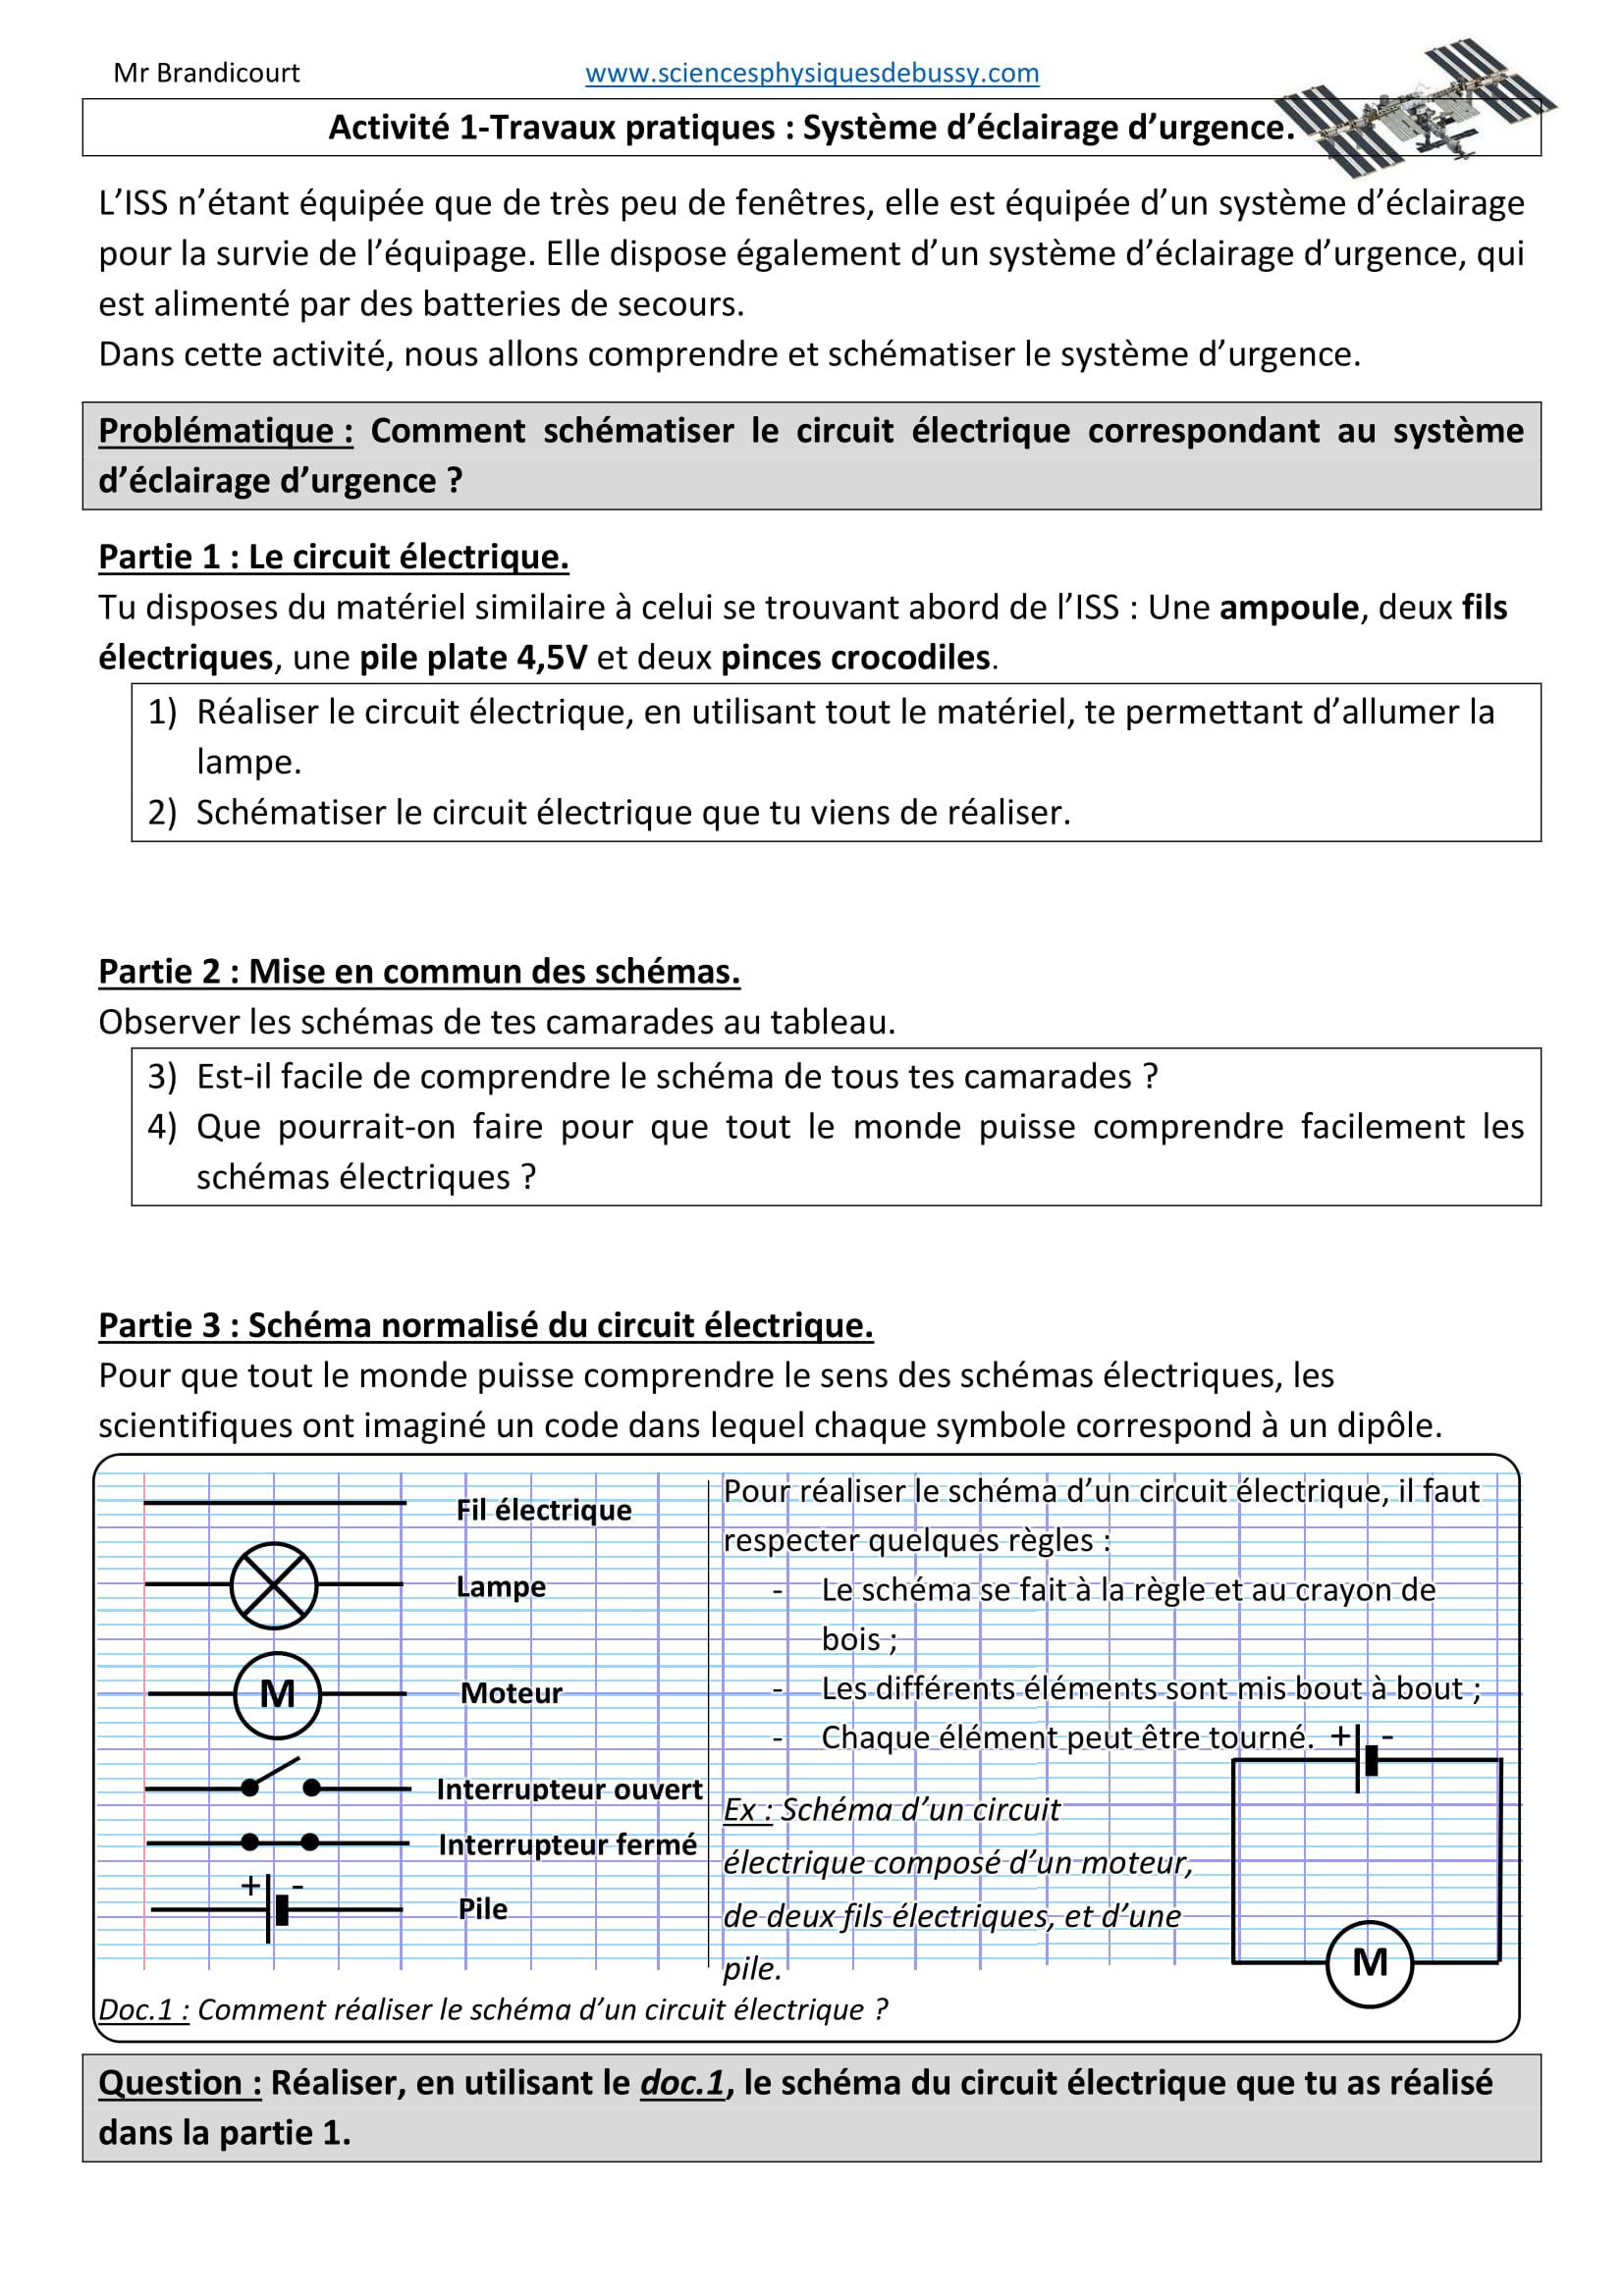 A1-Système d'éclairage d'urgence-1